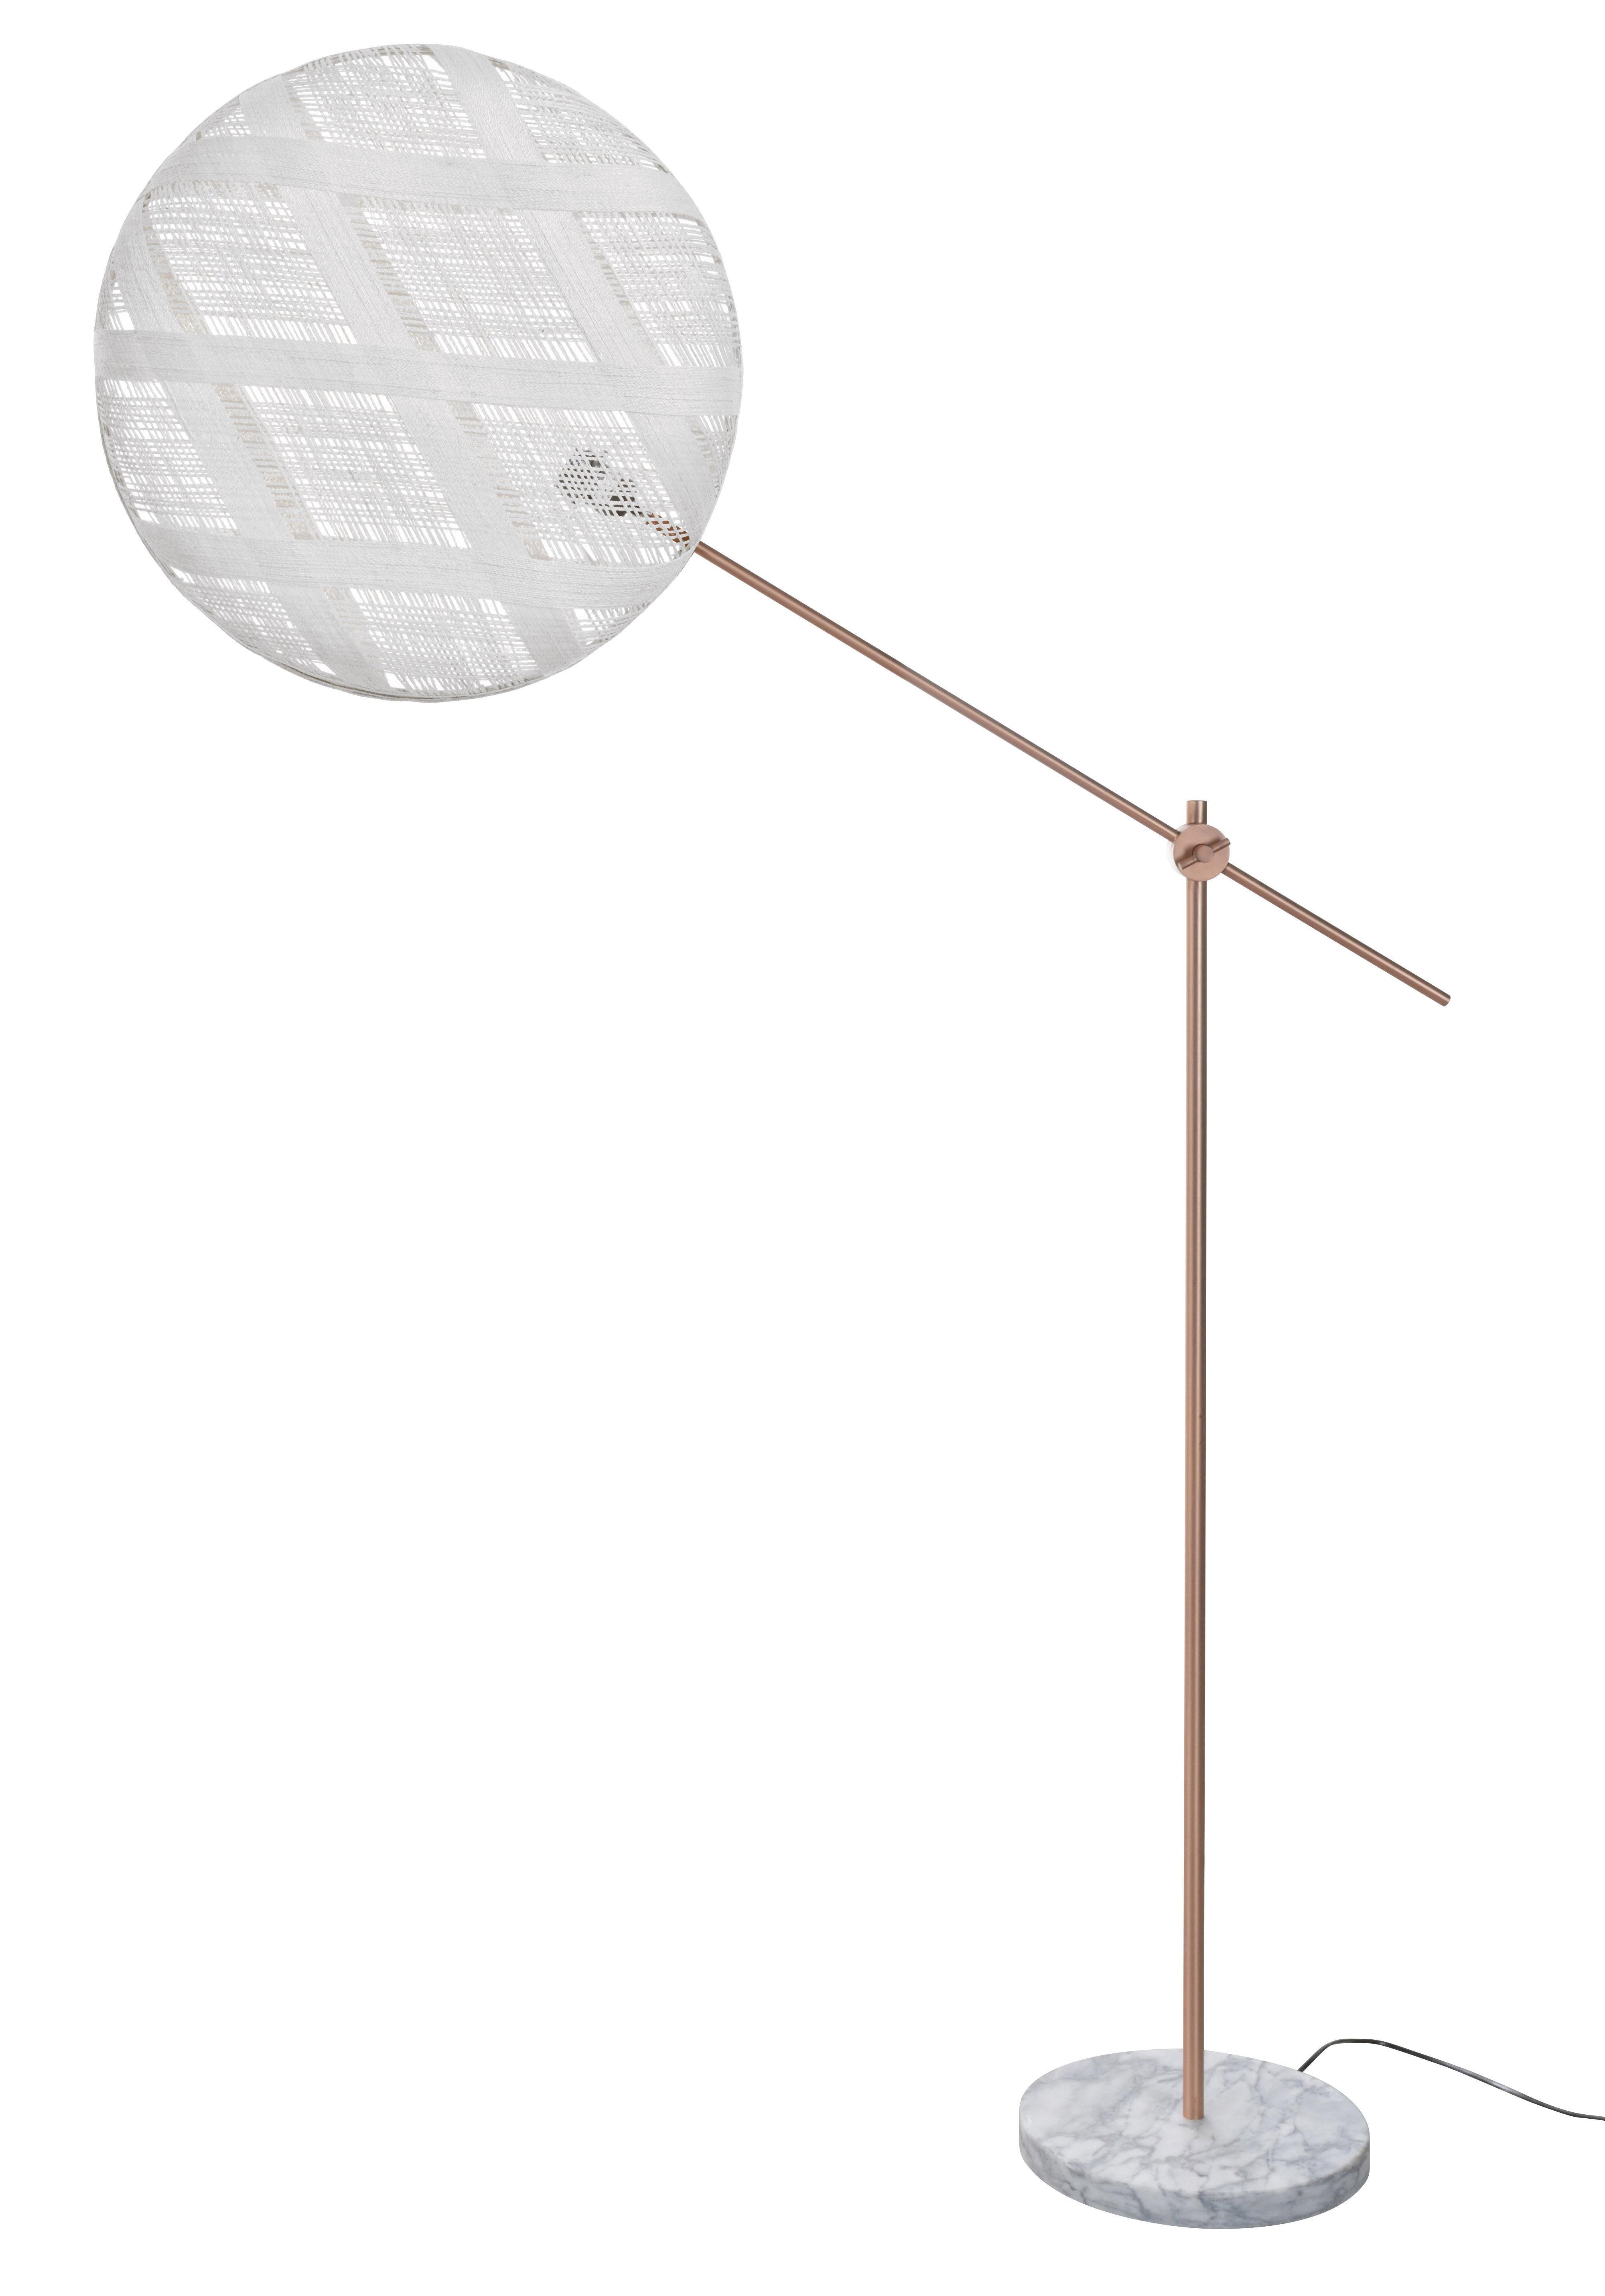 Illuminazione - Lampade da terra - Lampada a stelo Chanpen Diamant - / Ø 52 - Motivi losanghe di Forestier - Bianco / Rame - Marmo, Metallo, Tessuto in abaca